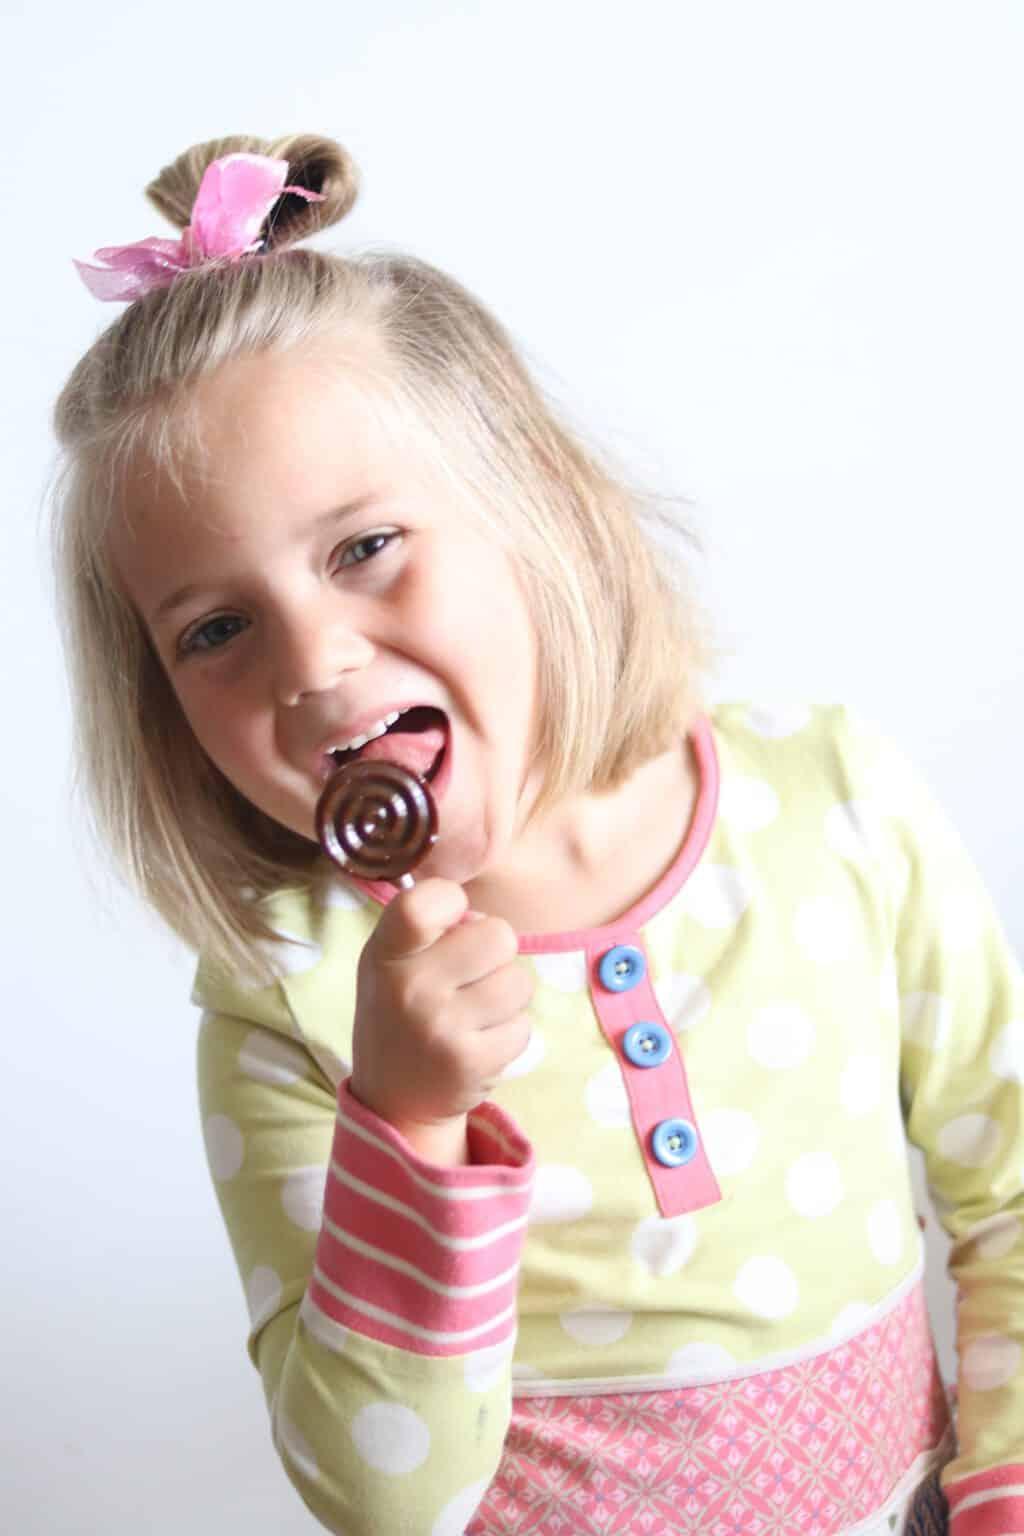 Little girl licking a healthy lollipop.